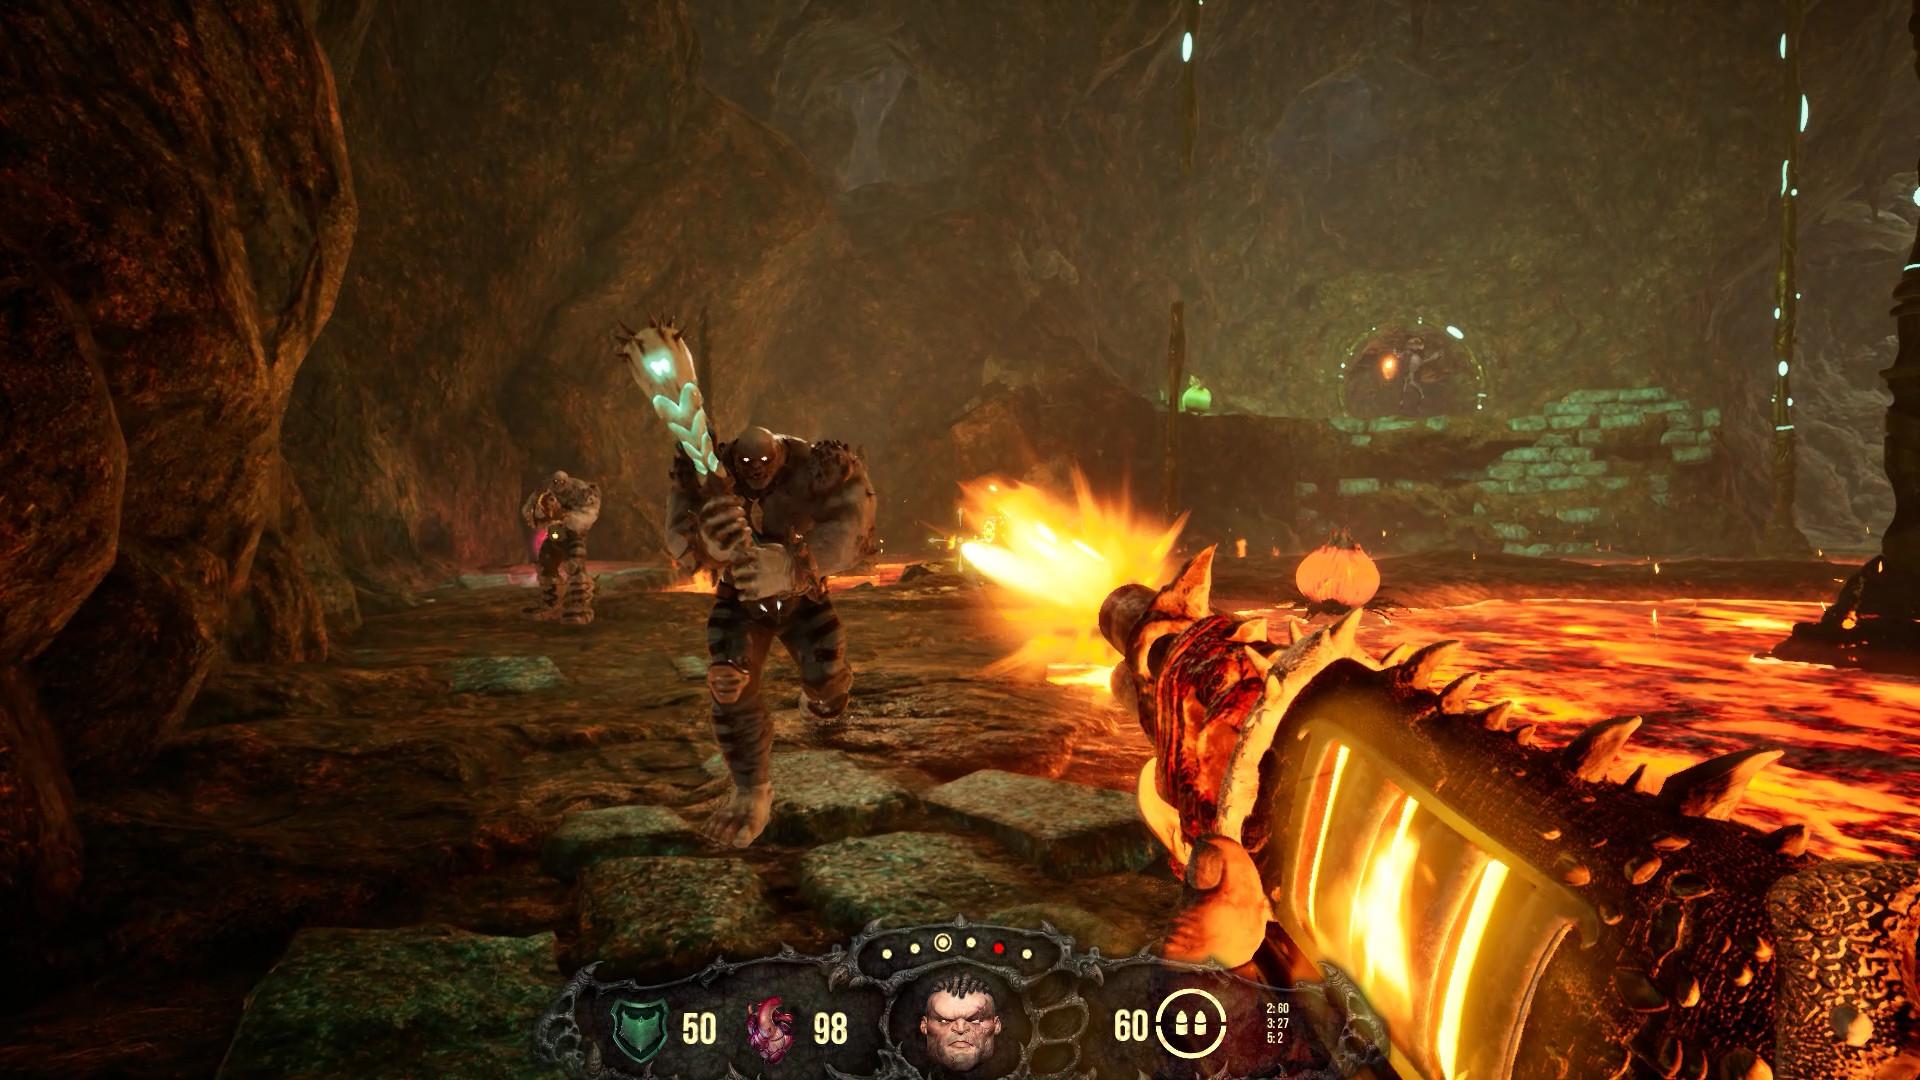 hellbound-pc-screenshot-02